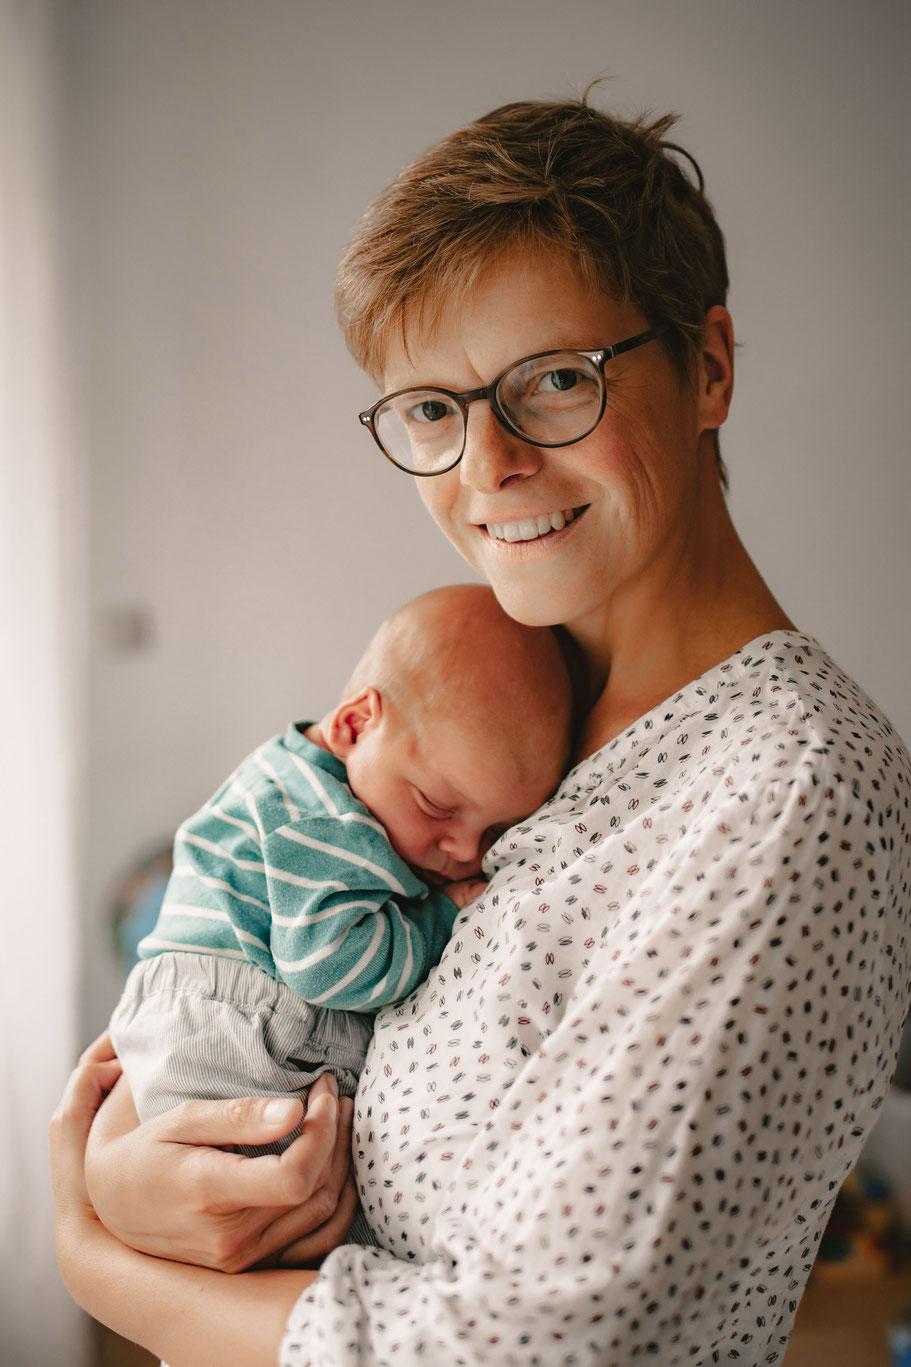 Babyfotografie, Newbornfotografie, Neugeborenenfotografie, Fotostudio, Ruesselsheim am Main, Mainz, Wiesbaden, Mainz, Königstädten, Nauheim, Raunheim, Bausscheim, Bischofsheim, Babyportrait,  Portrait, Beste Fotograf